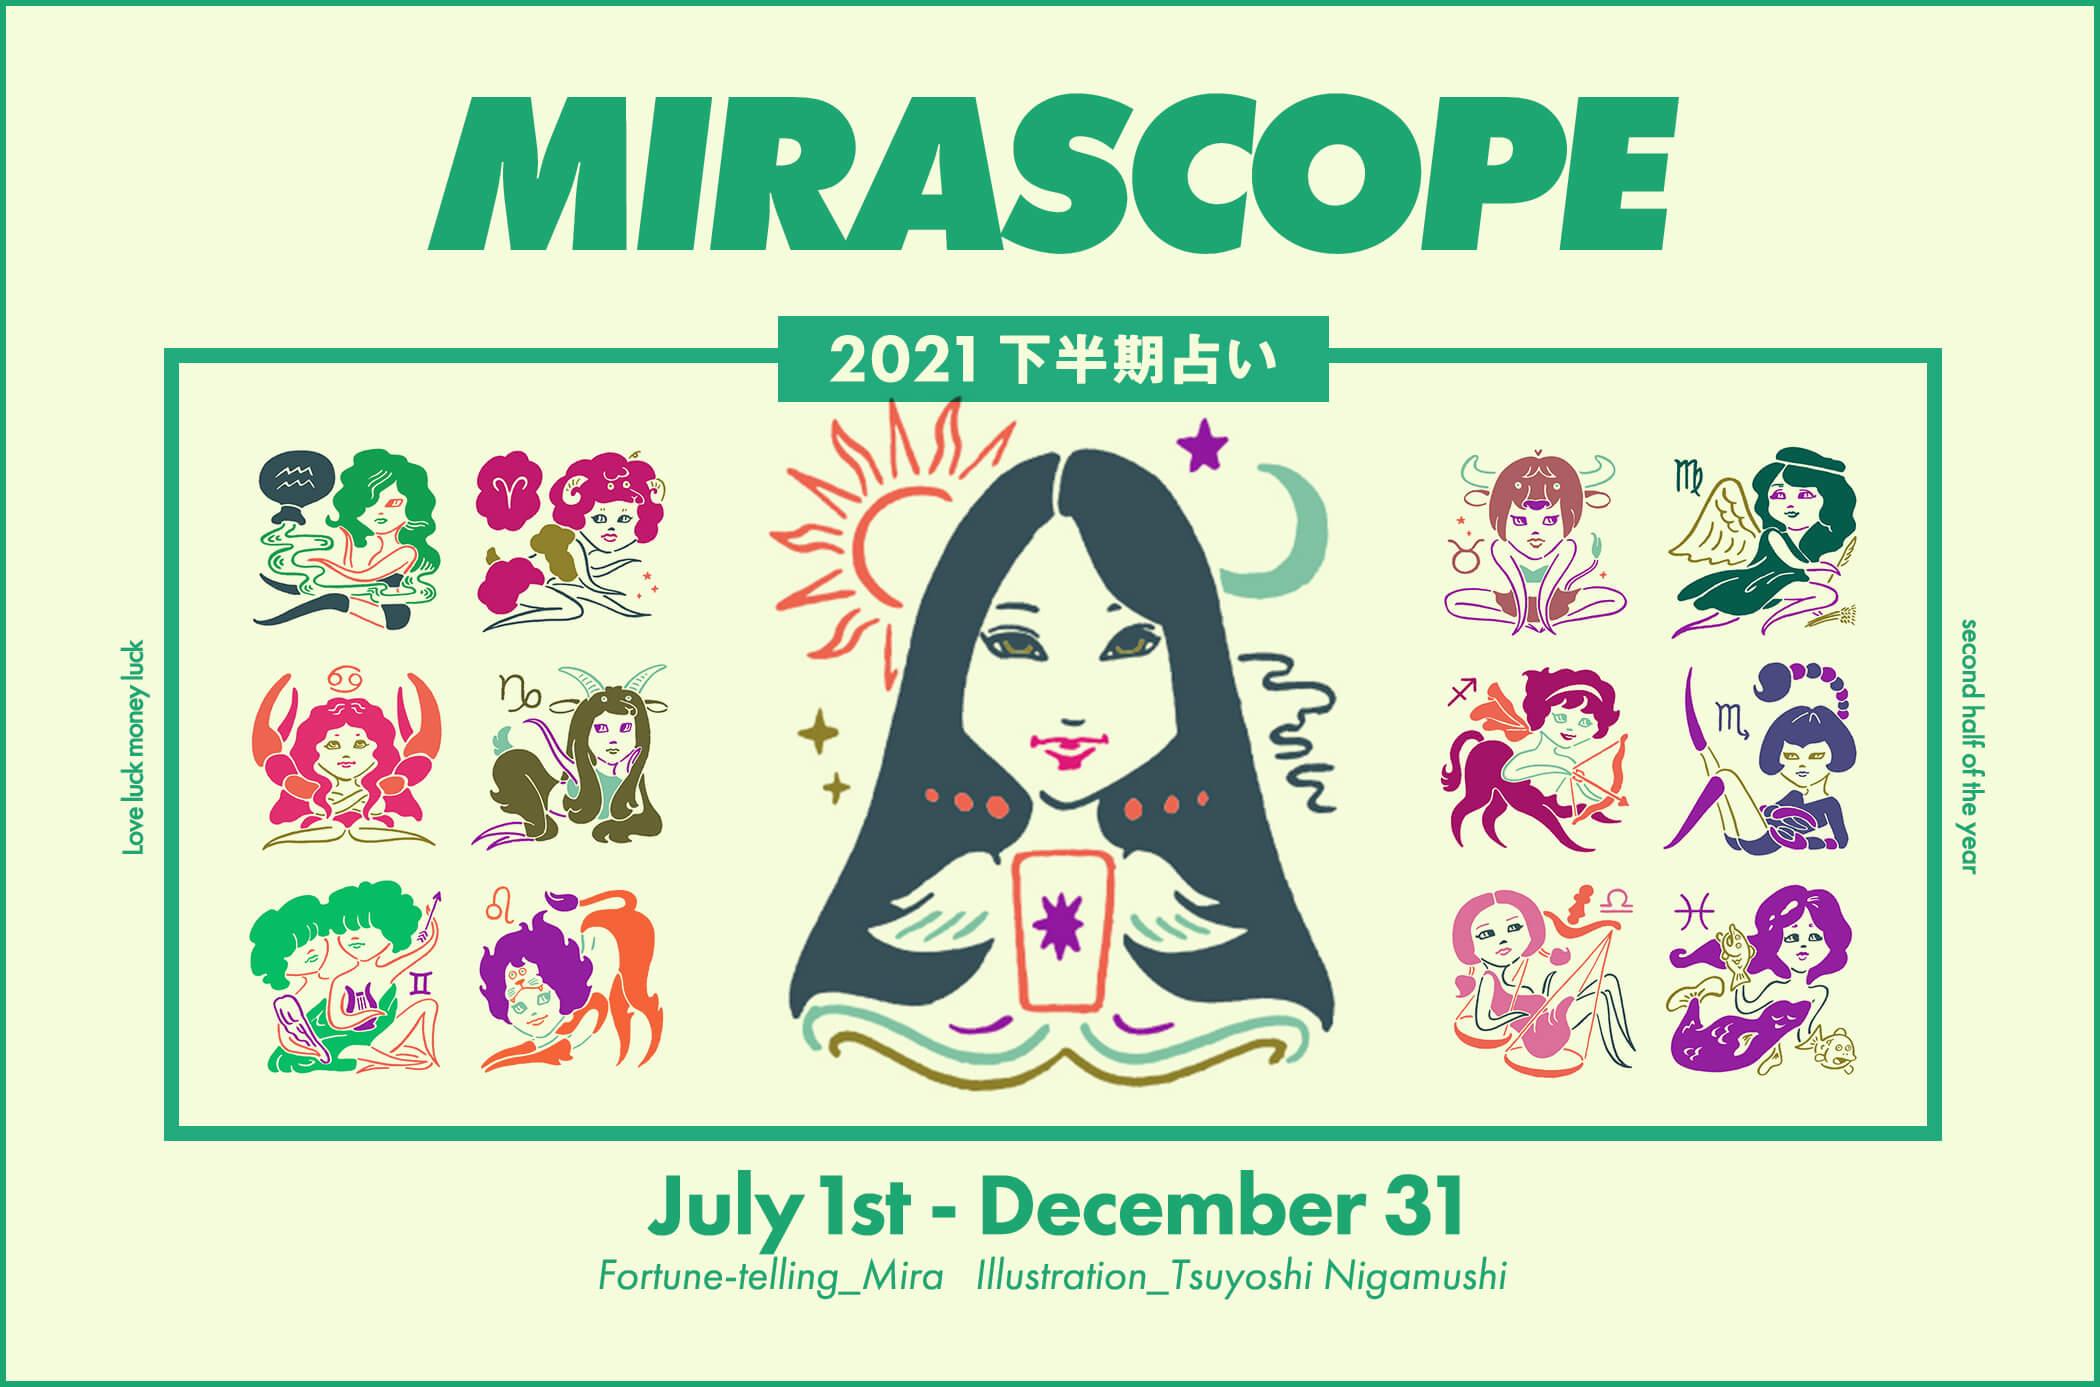 2021年下半期のあなたの運勢は?恋愛運から金運まで。ミラ先生の12星座占いで幸運をキャッチ!